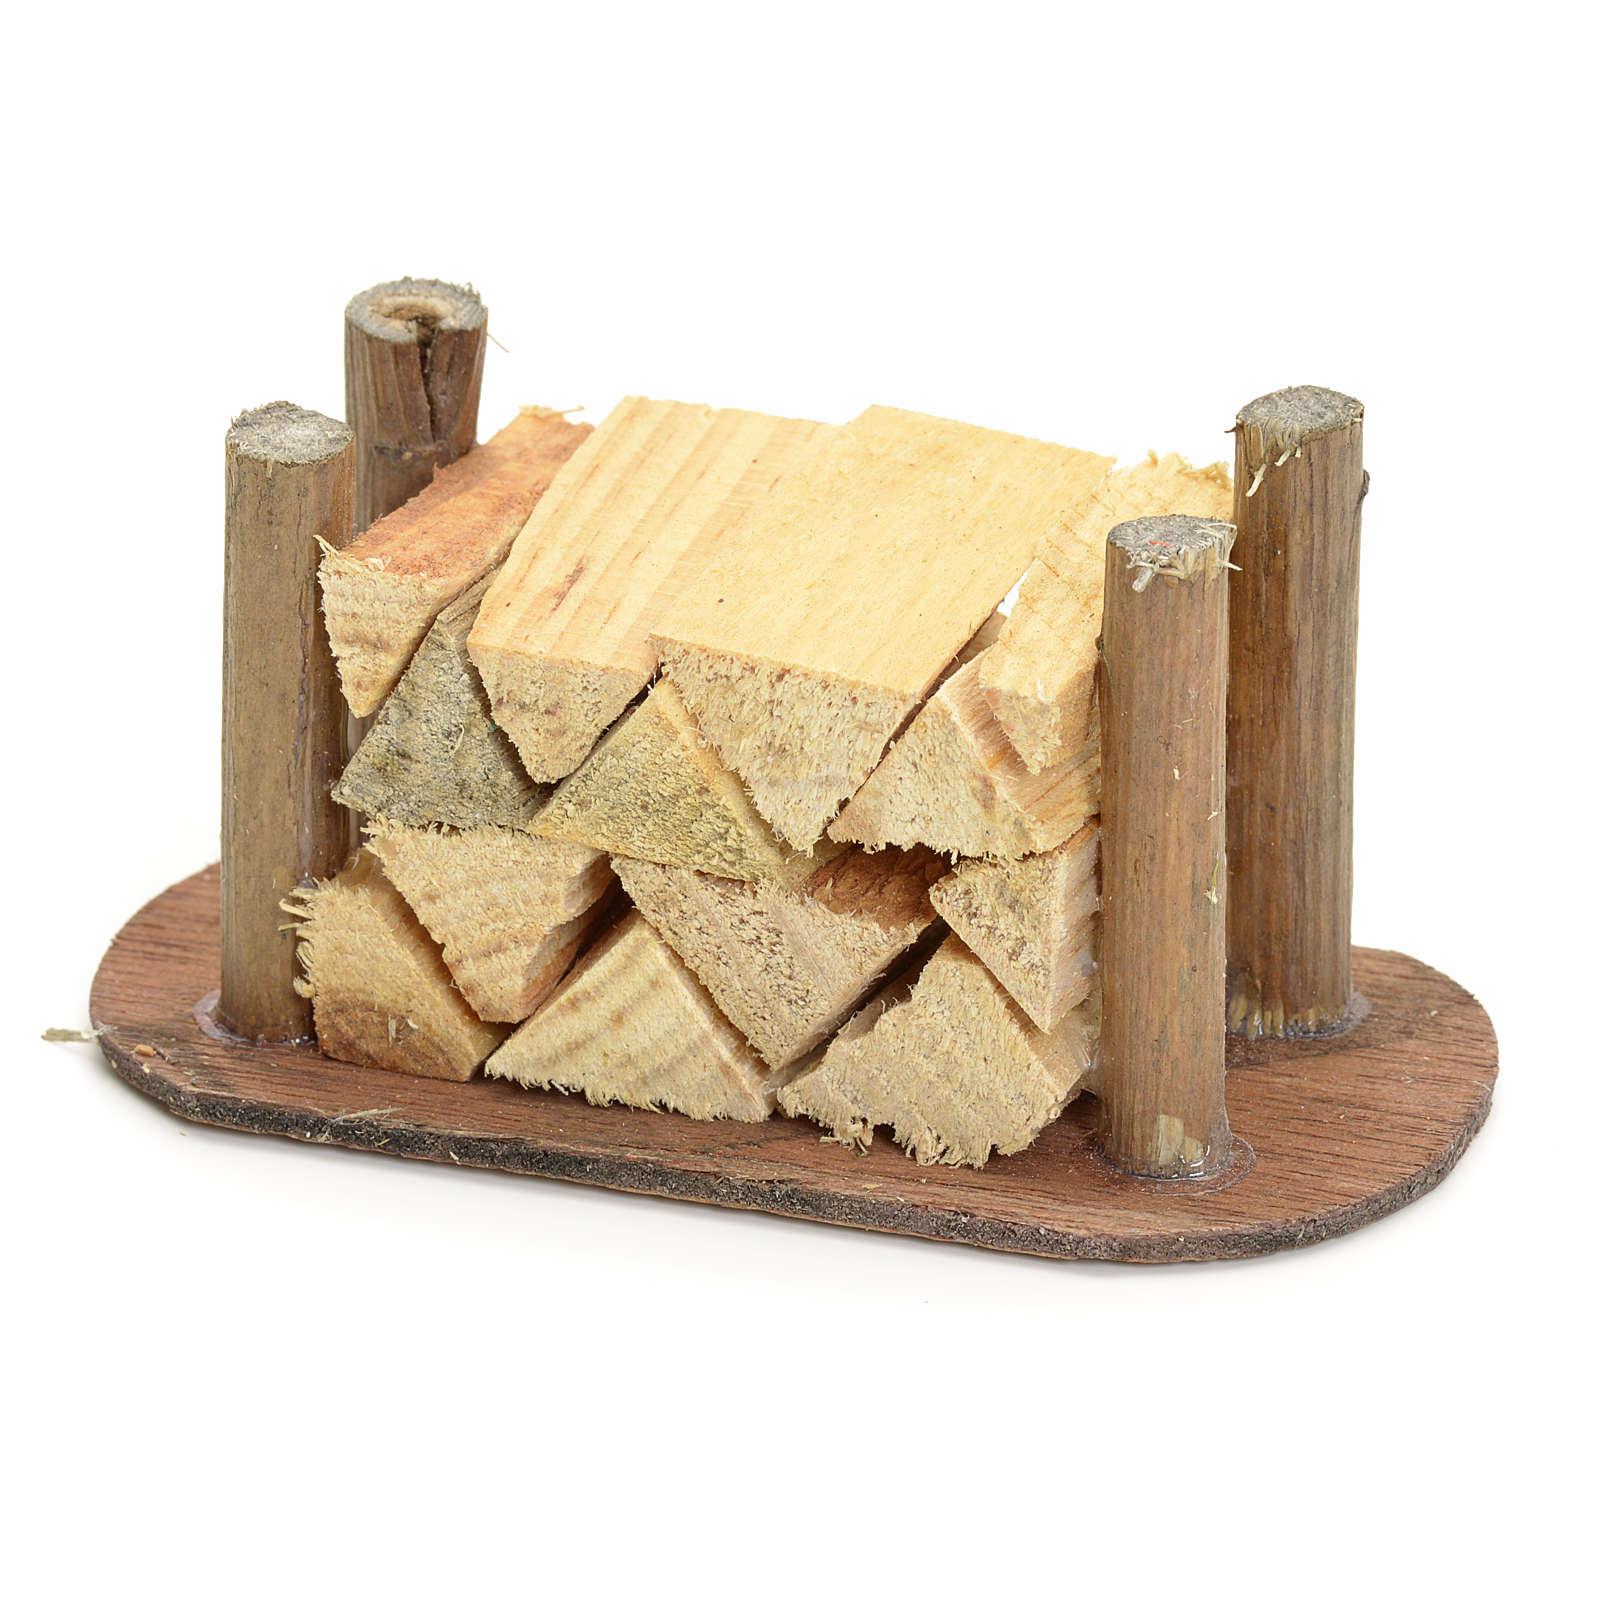 Catasta di legna tagliata presepe fai da te 4